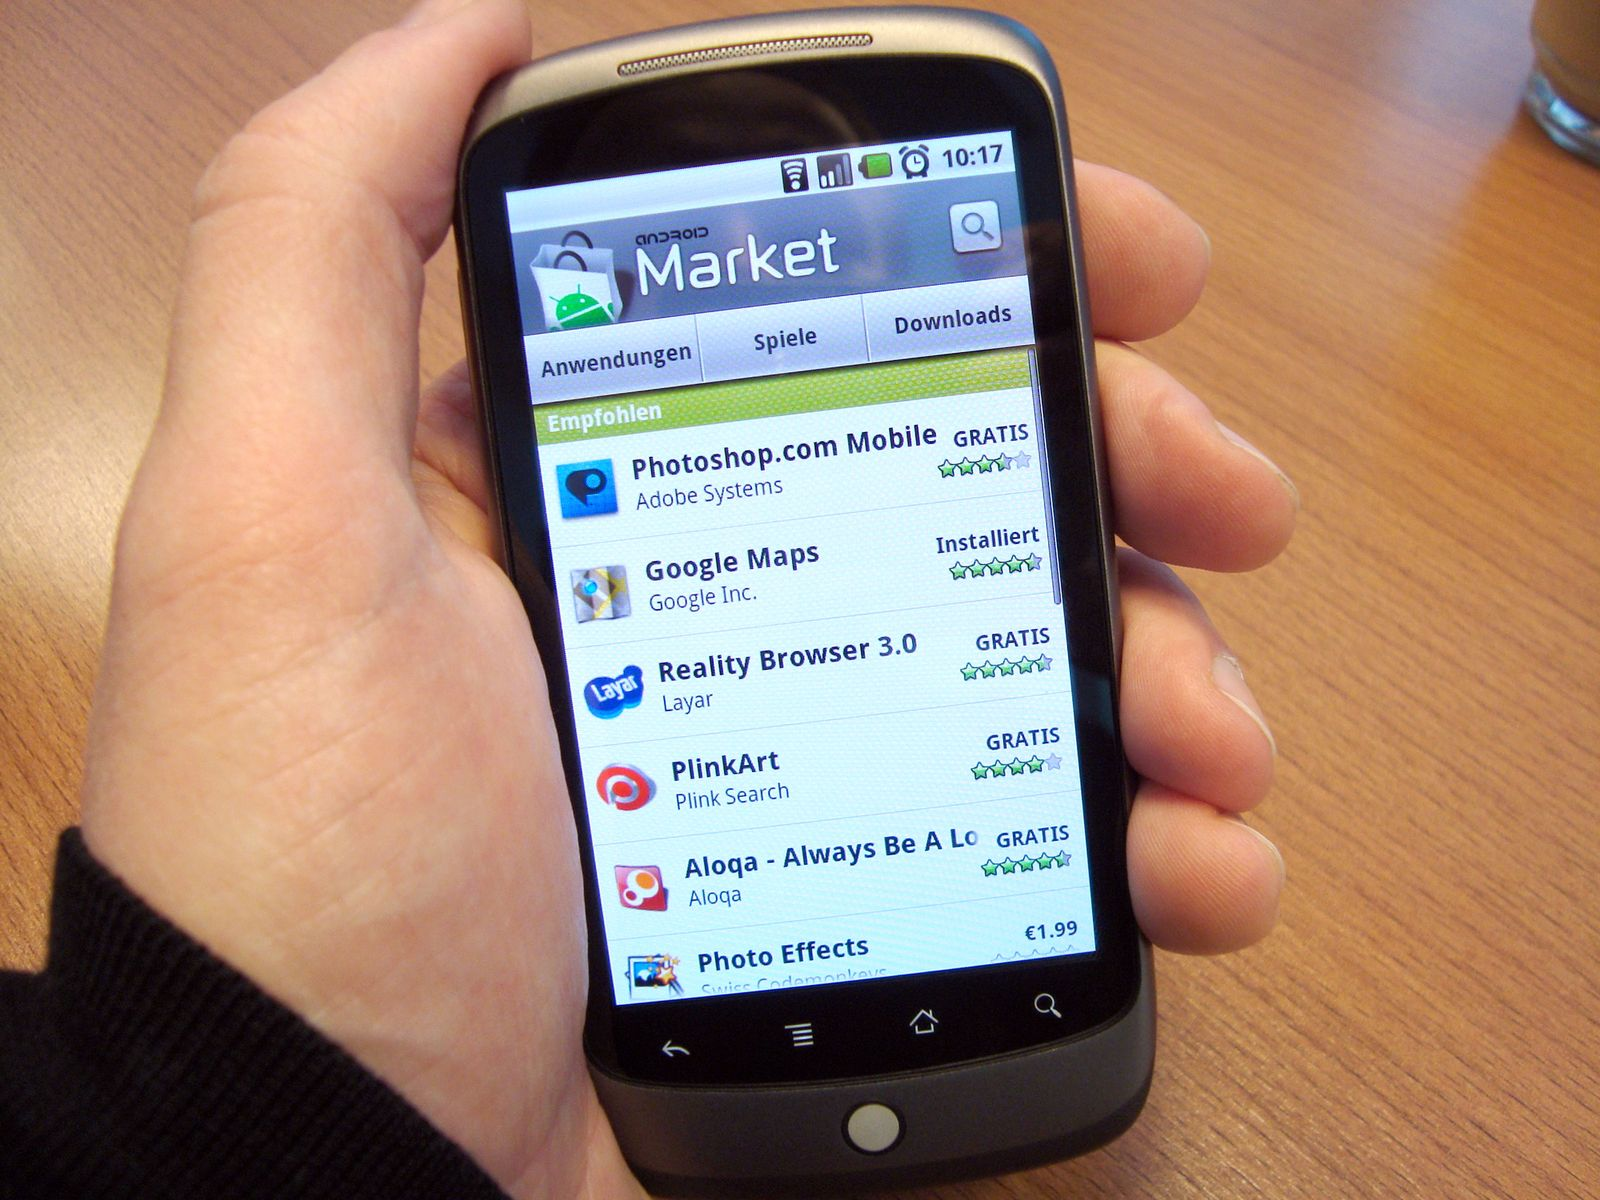 Nexus One / Google